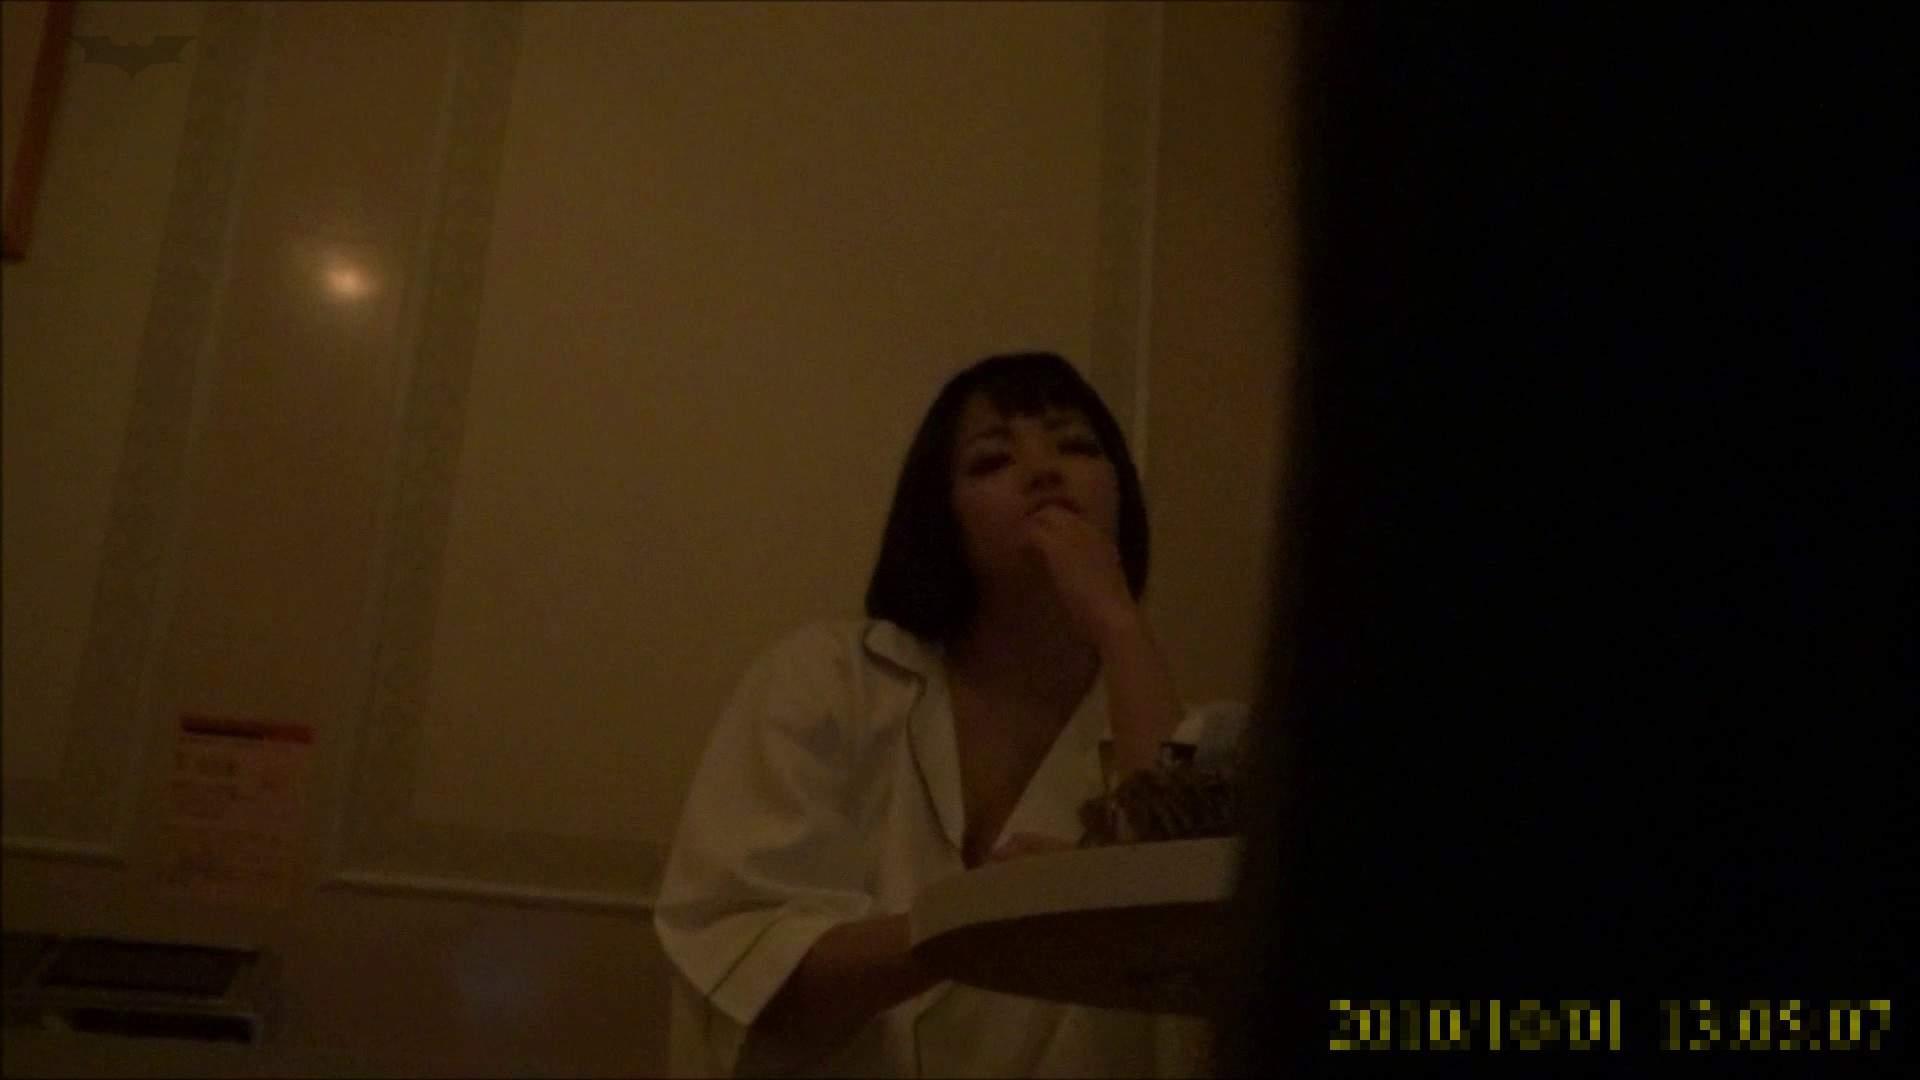 【未公開】vol.96 {茶髪→黒髪ギャル}美巨乳アミちゃん③【前編】 OLハメ撮り  83Pix 21